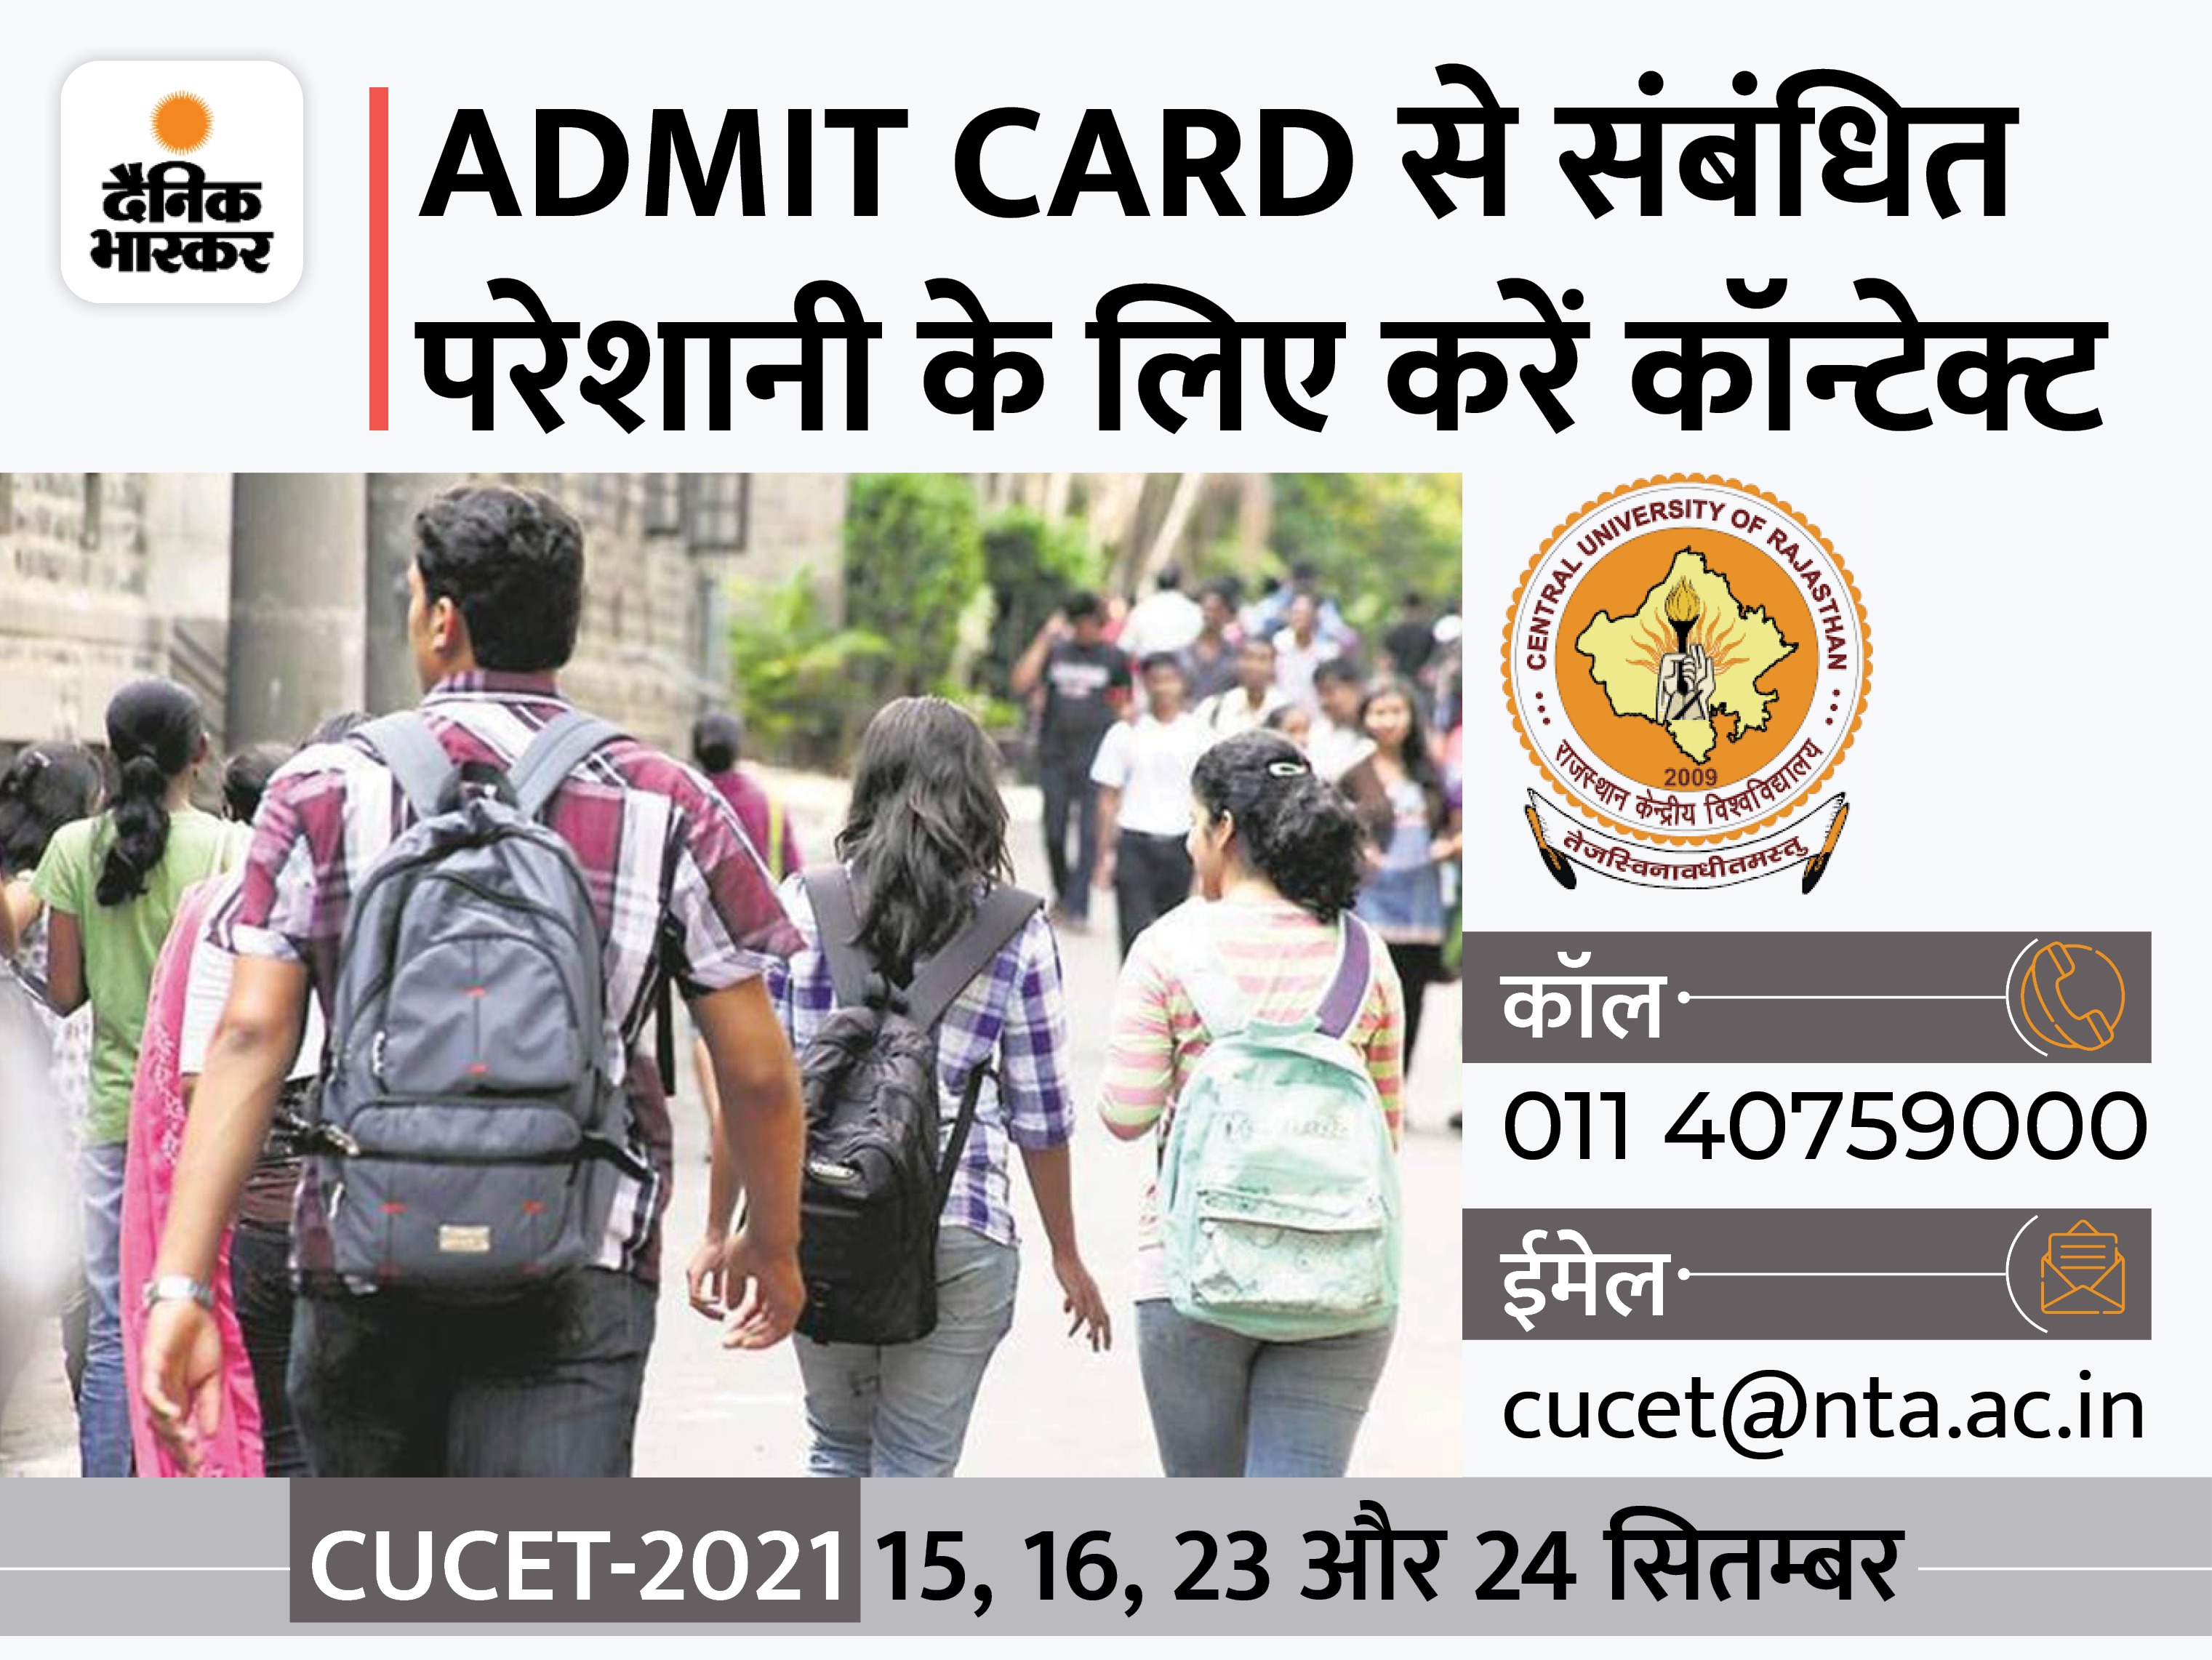 4 दिन में होंगे 60 टेस्ट पेपर; NTA की 12 सेन्ट्रलयूनिवर्सिटी में एडमिशनके लिए24 सितम्बर को लास्ट एग्जाम|अजमेर,Ajmer - Dainik Bhaskar